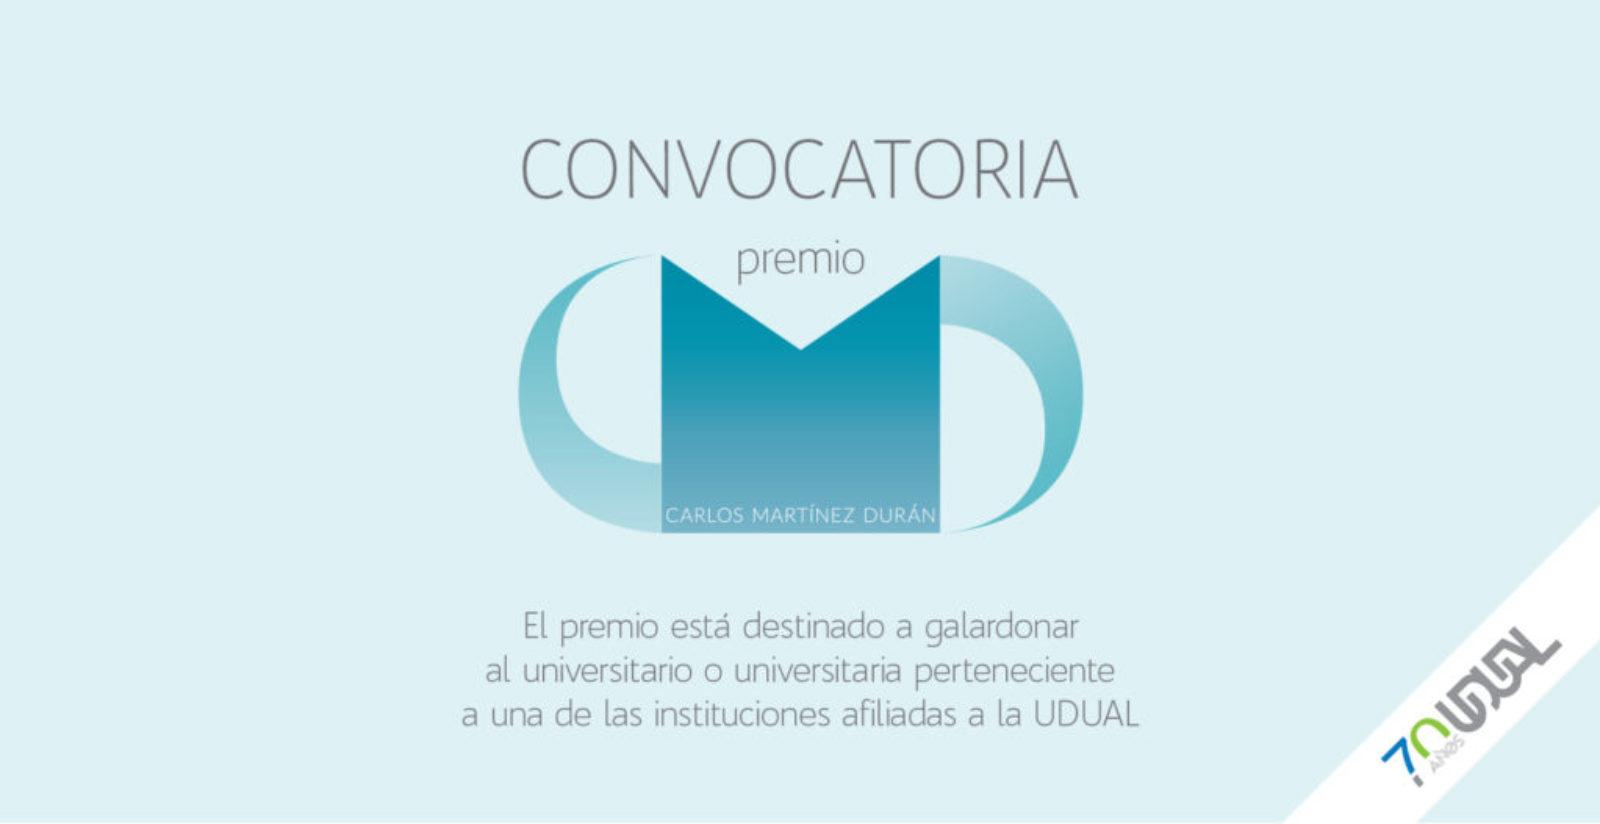 Convocatoria-Premio-Carlos-Martinez-Duran